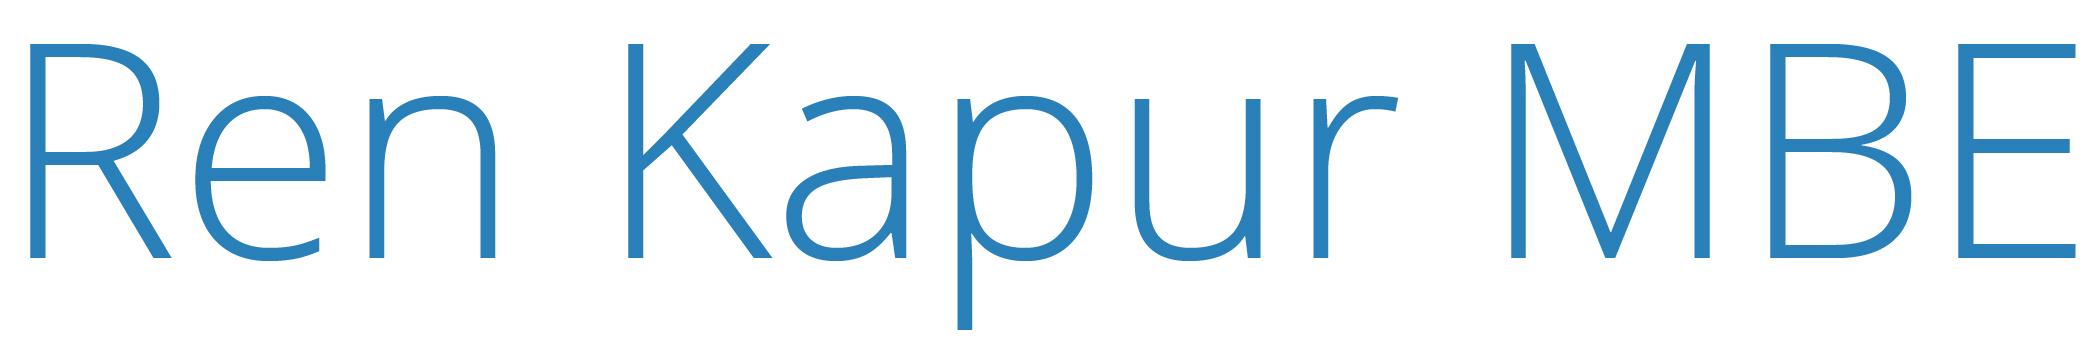 renkapur-logo2